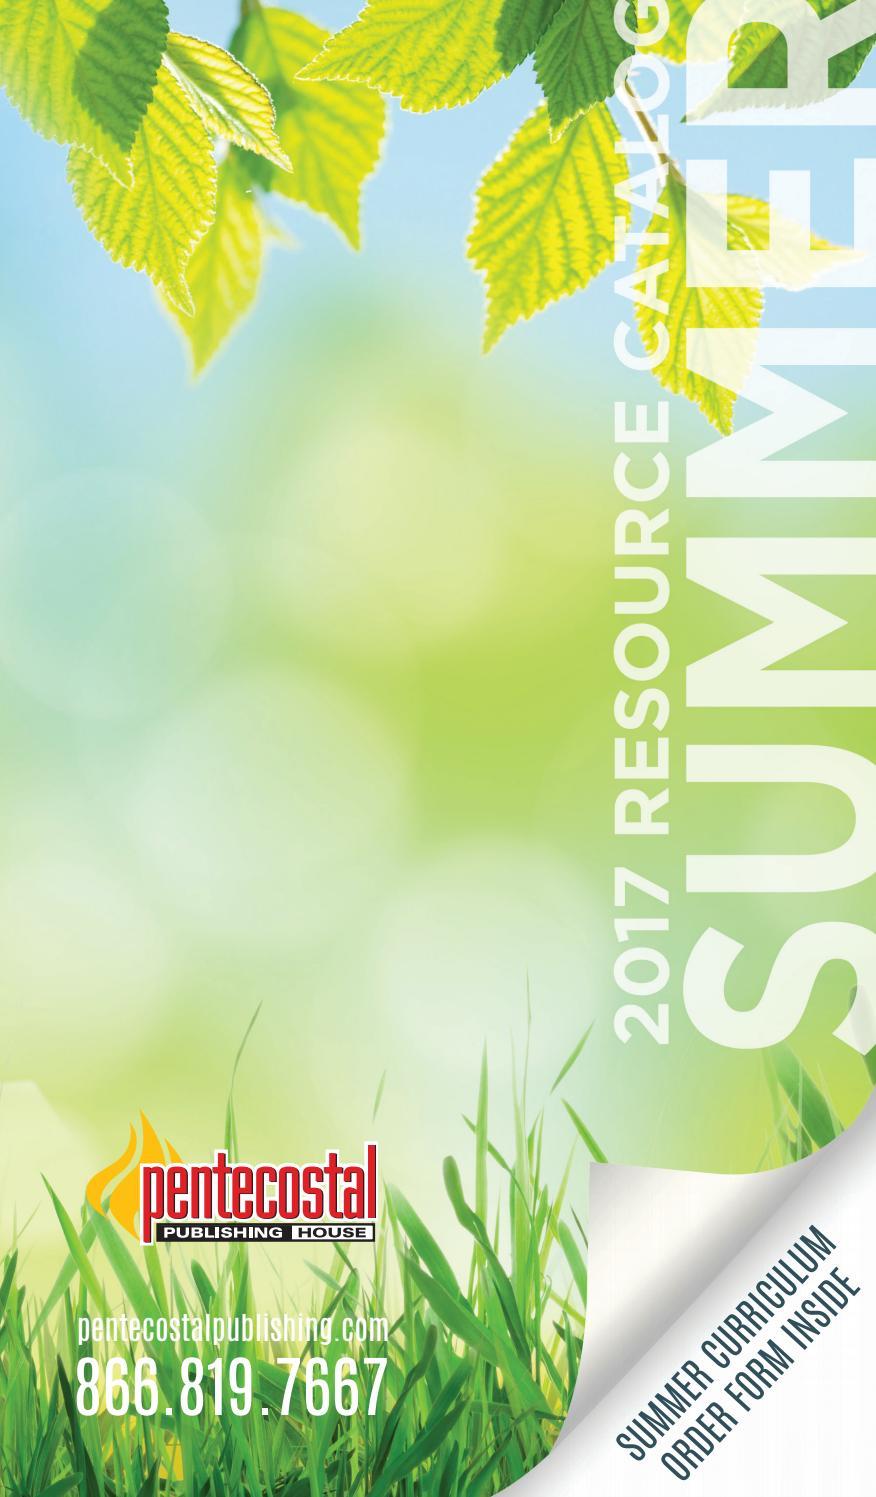 Pentecostal Publishing House Summer 2017 Catalog by